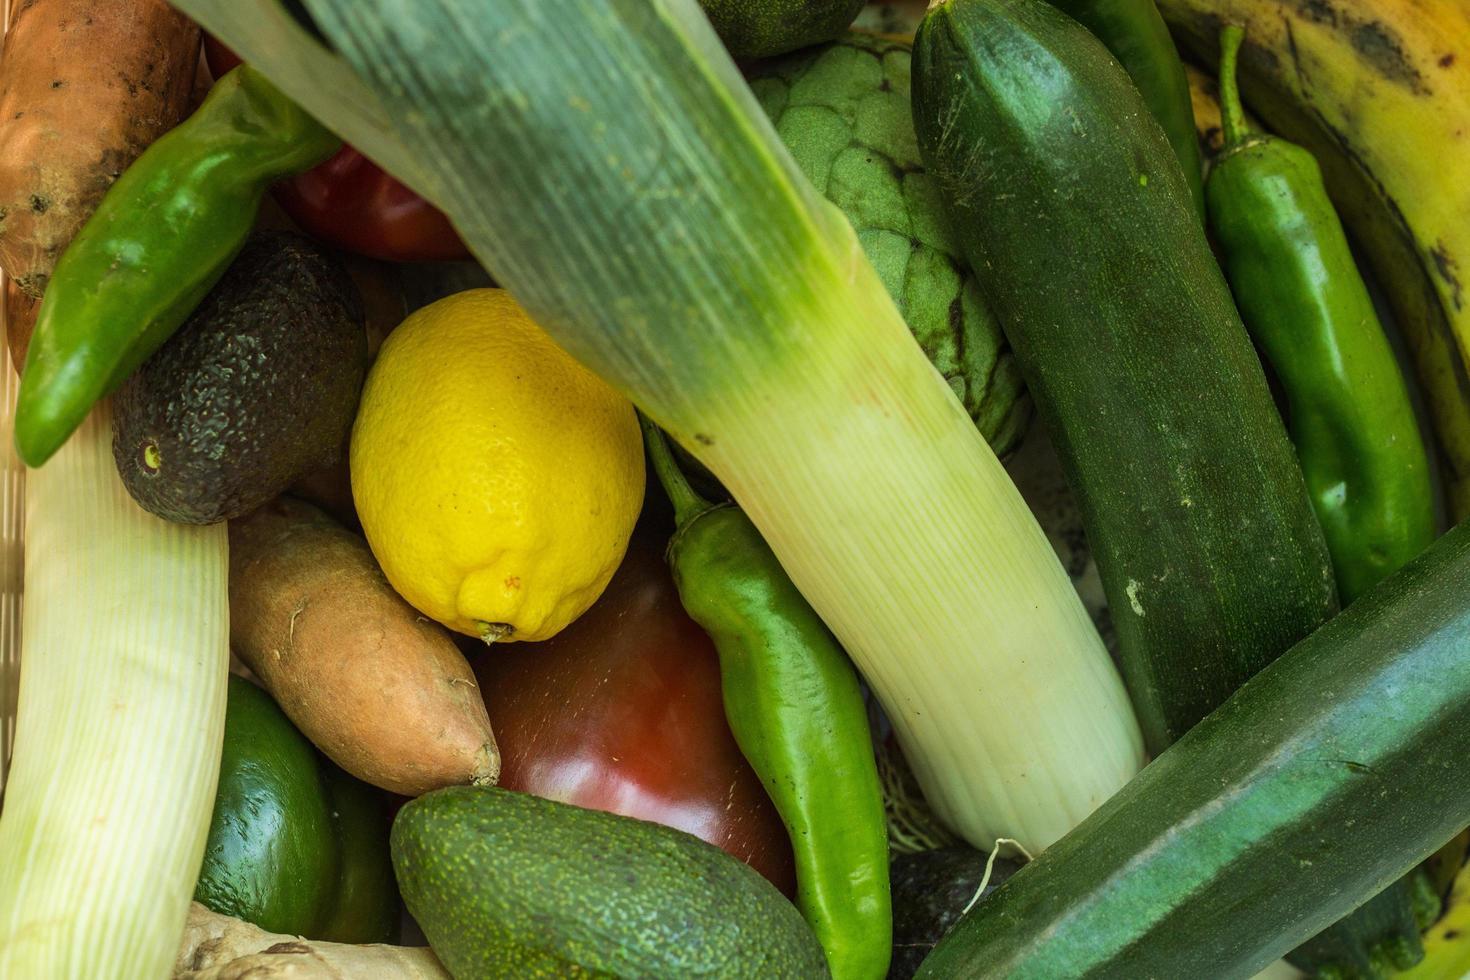 vue de dessus des légumes photo